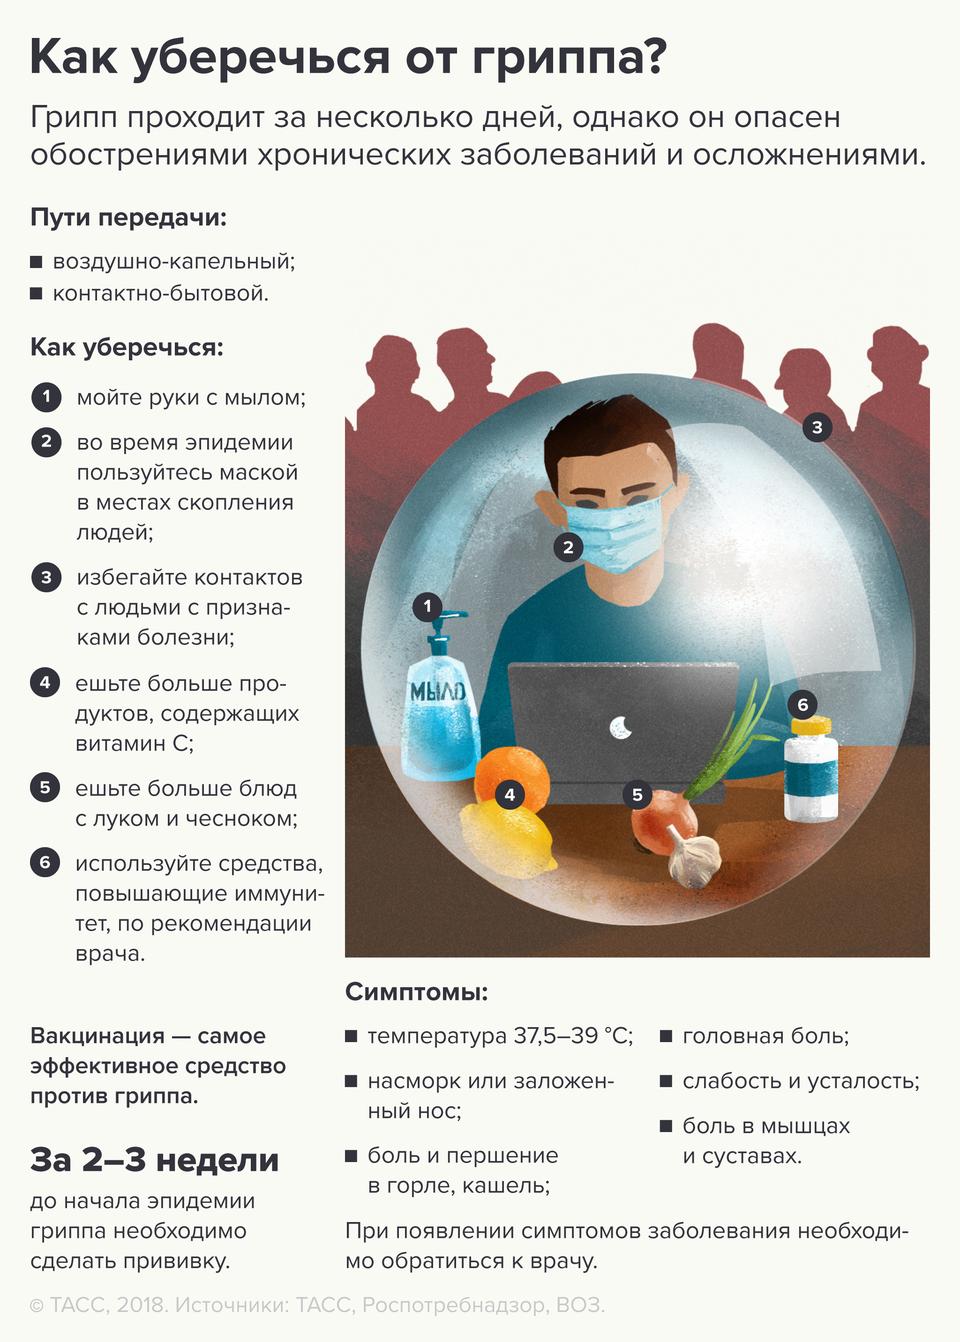 Пневмония у детей: симптомы, формы, лечение. советы врачей. профилактика пневмонии у детей